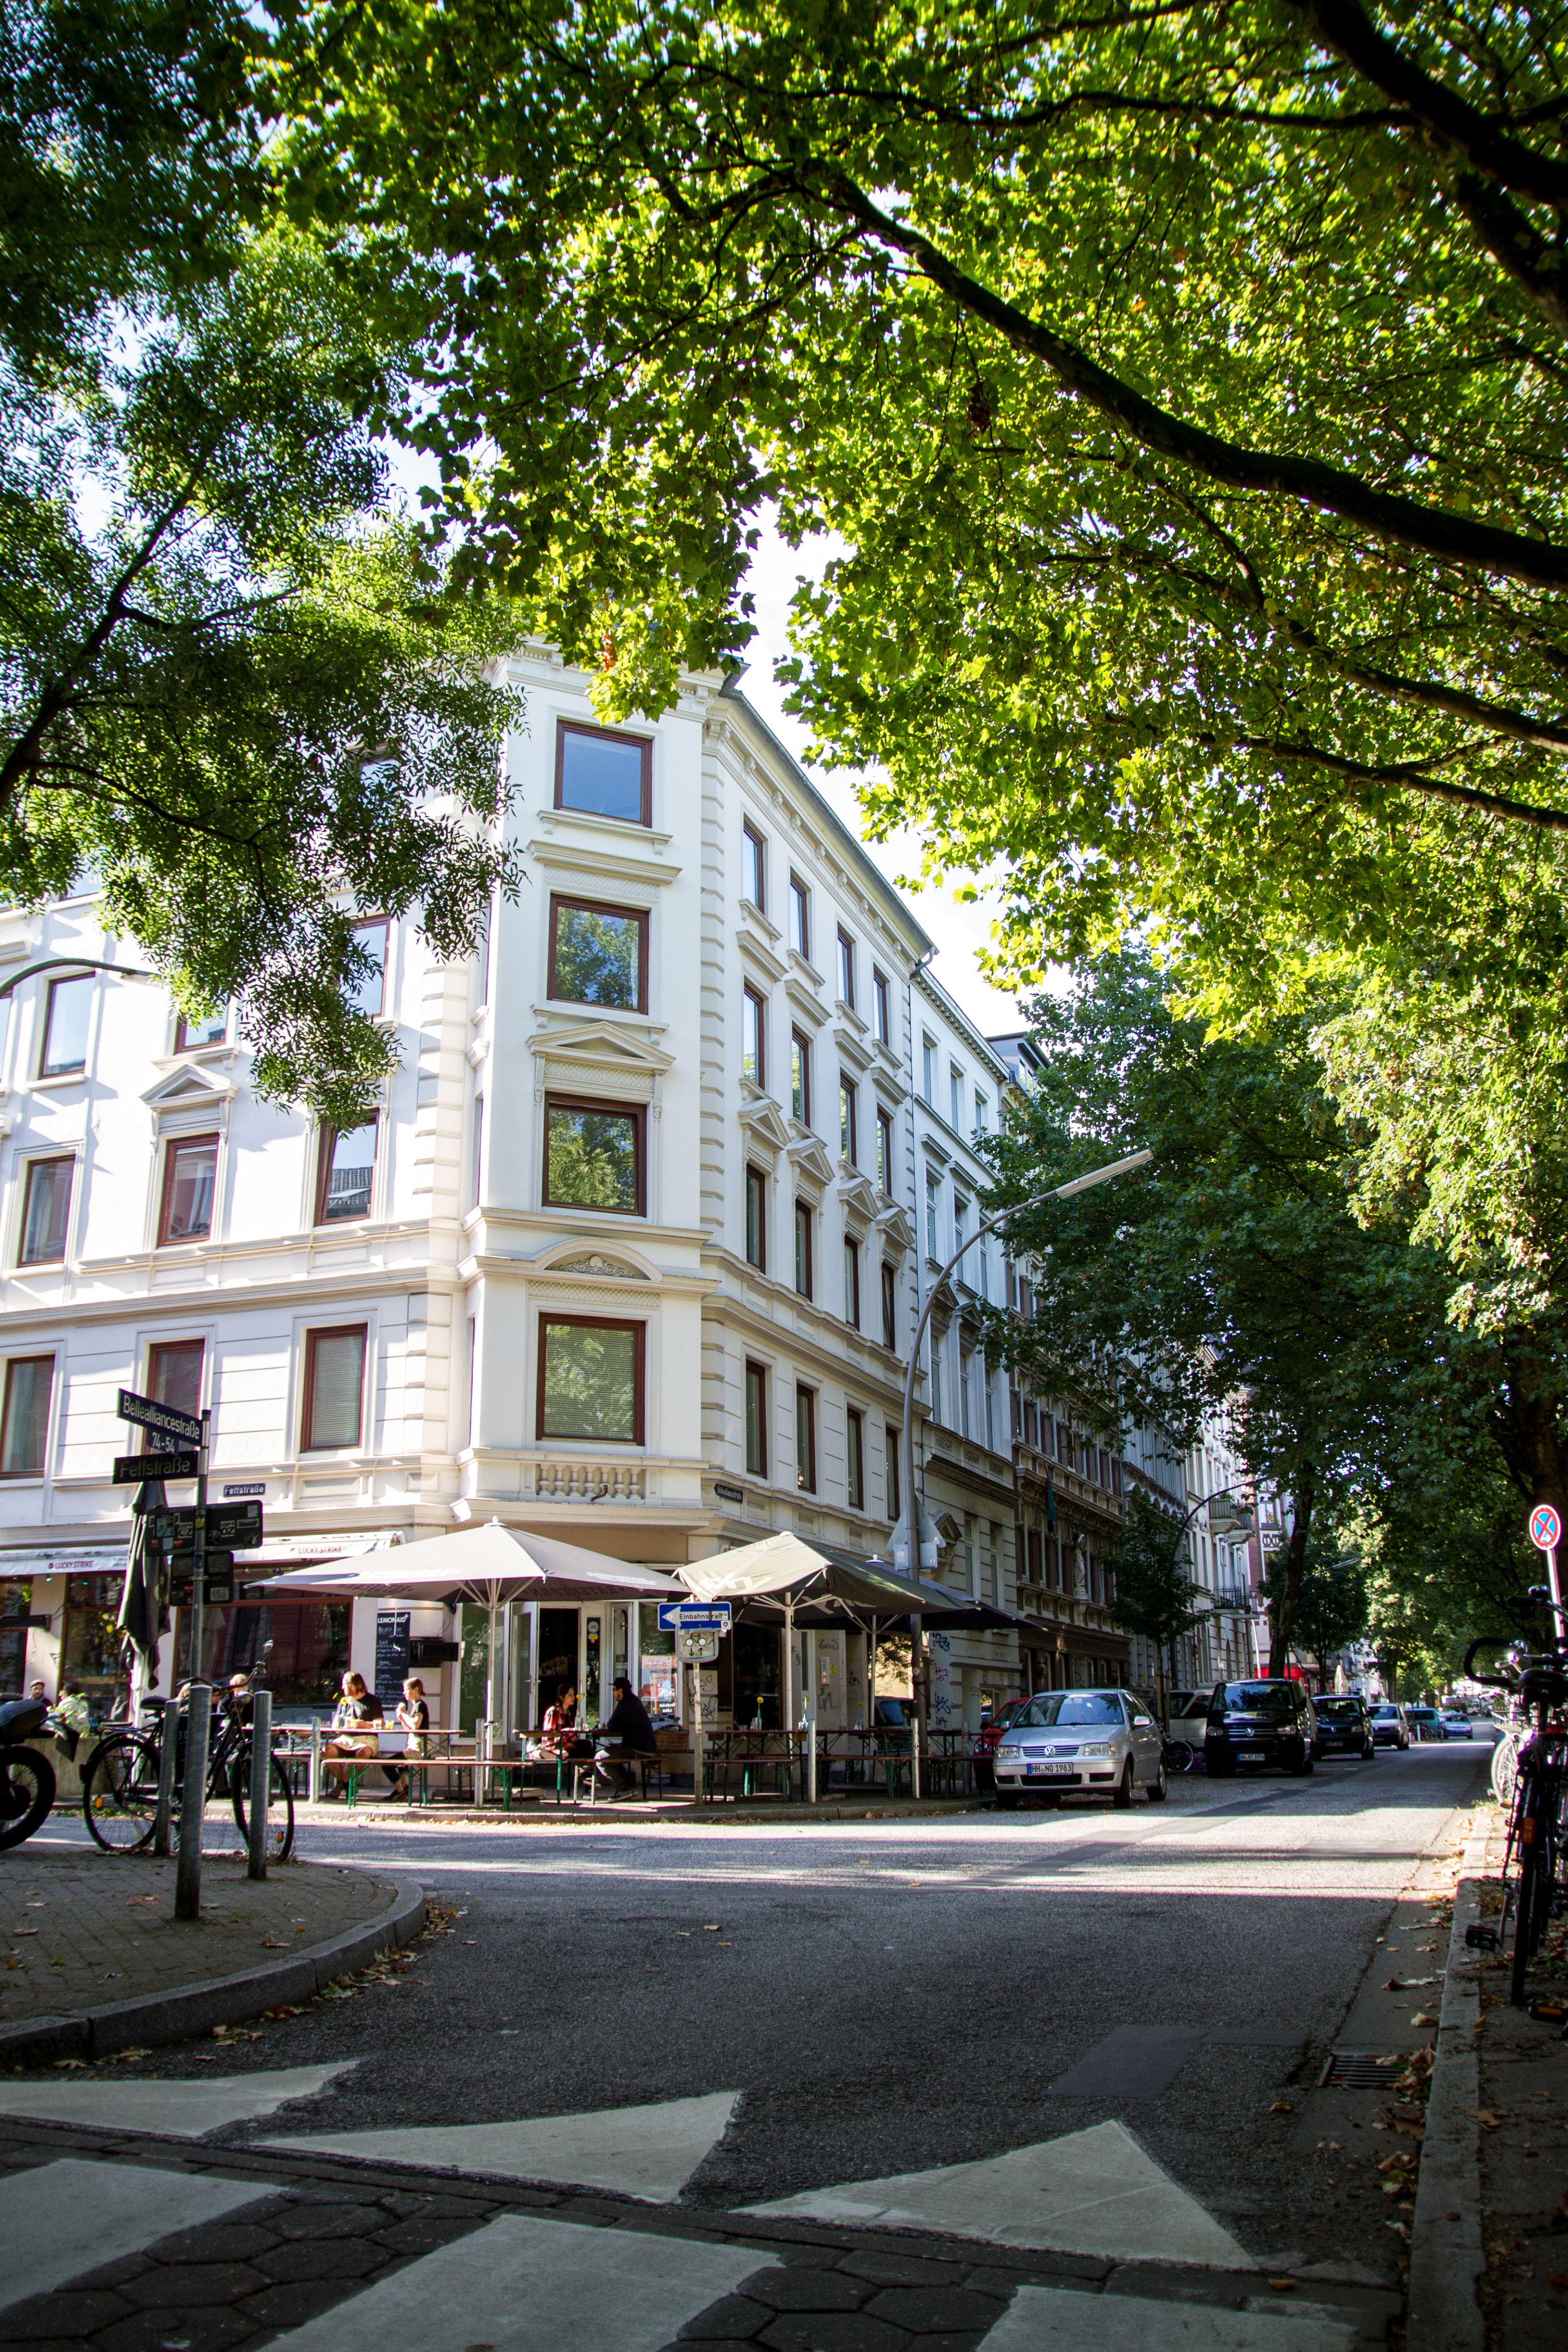 """Gemeinsam mit den umliegenden Straßen, wie der Fettstraße oder Vereinsstraße, könnte die Bellalliancestraße, deren Name übersetzt """"gutes Bündnis"""" bedeutet, auch einen Hinweis auf die früheren Grundeigentümer geben. Foto: Holger Vogel"""